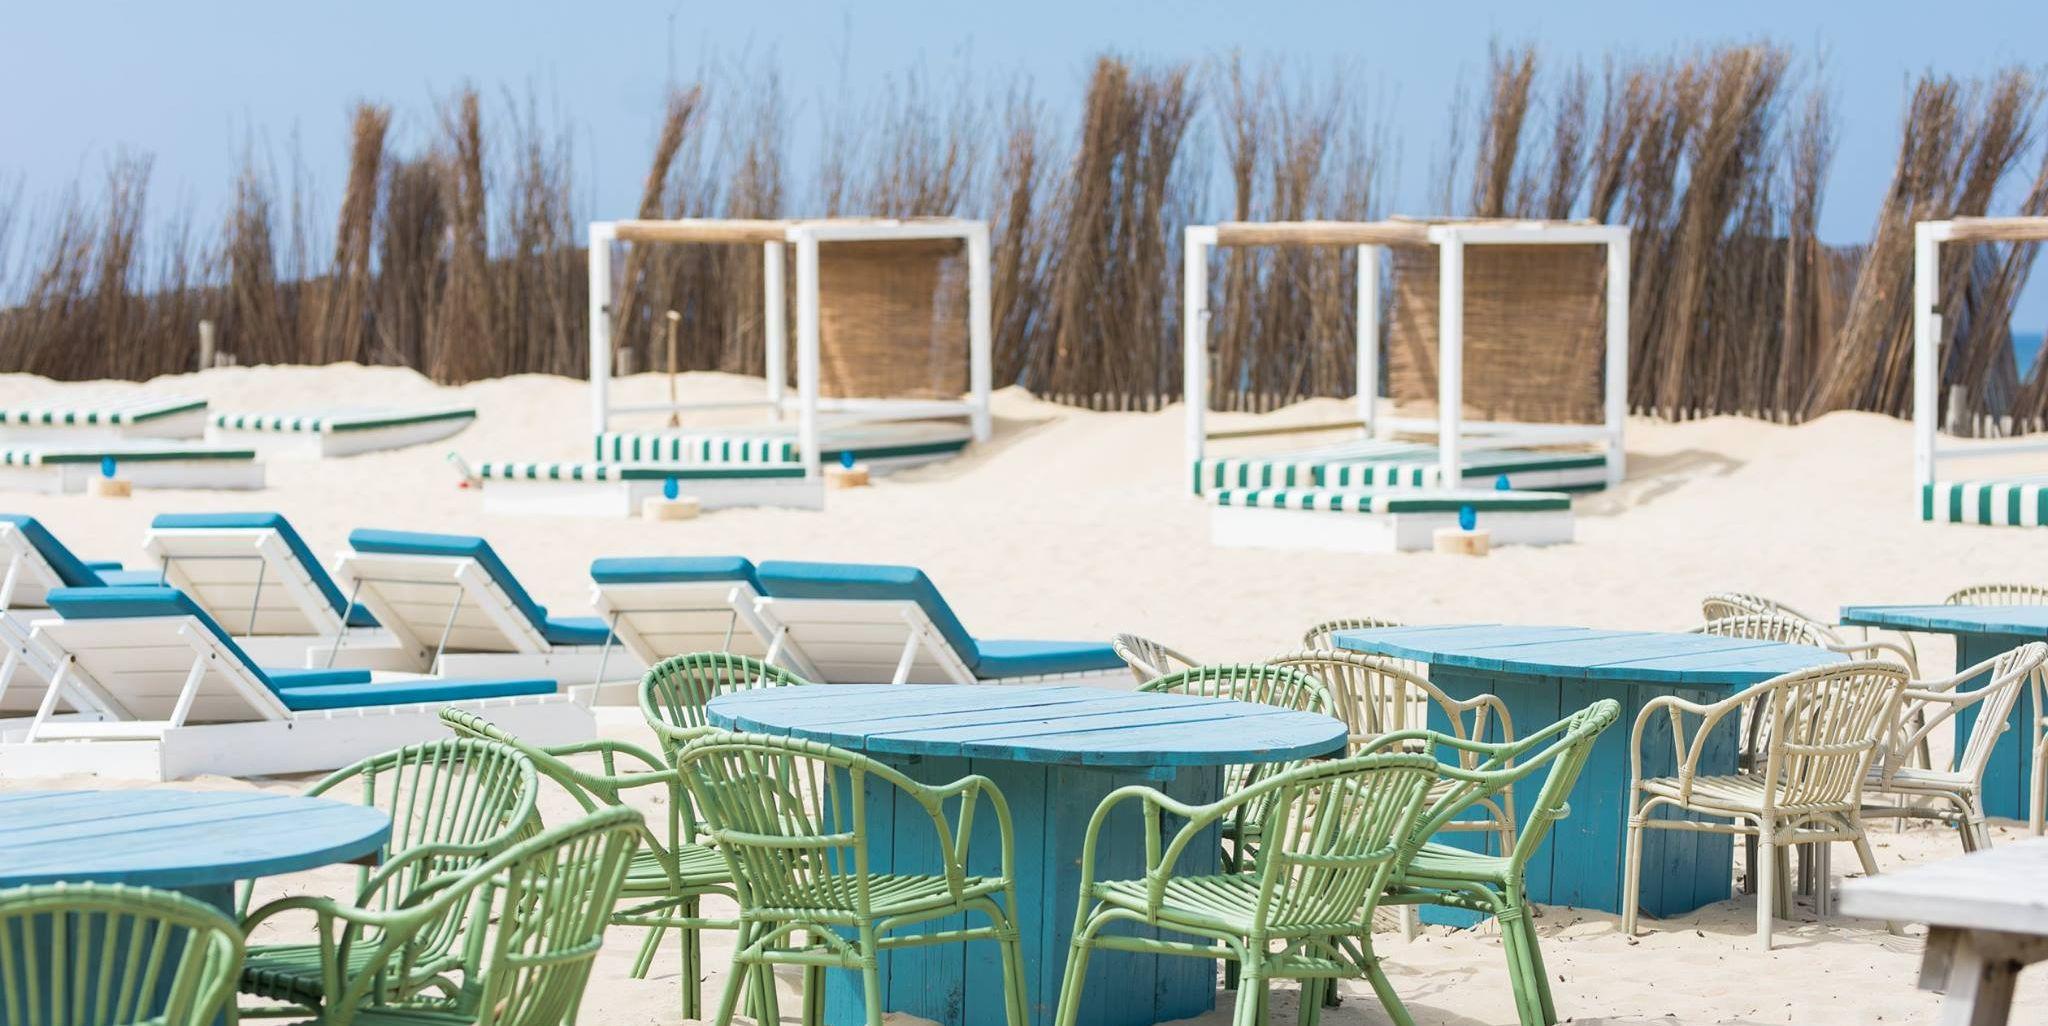 strandtenten-nederlanden-zandvoort-bloemendaal